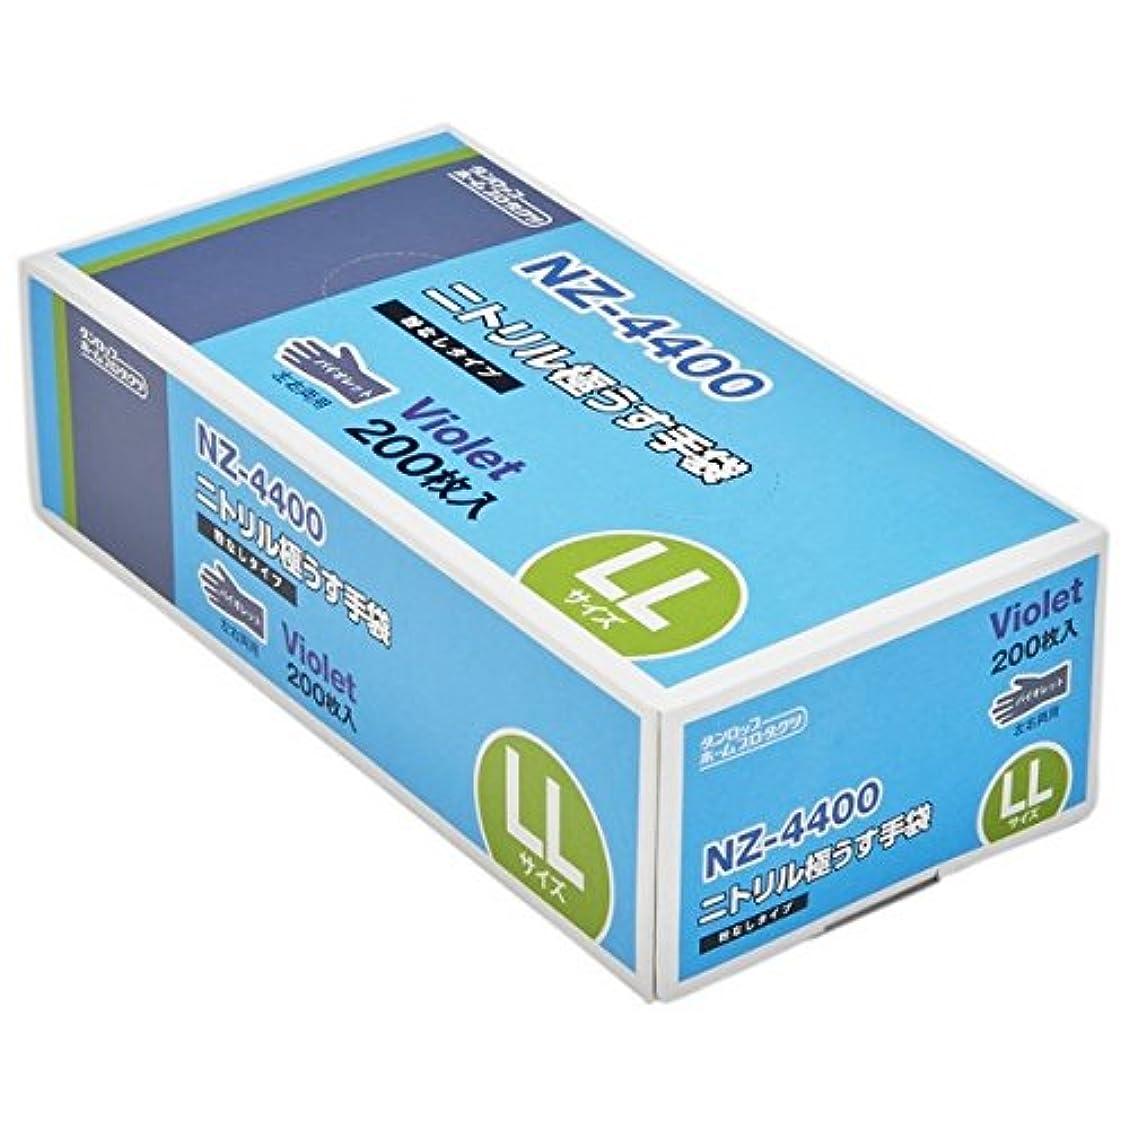 篭スティーブンソン解読するダンロップ ニトリル極うす手袋 NZ-4400 バイオレット 粉なし LLサイズ 200枚入